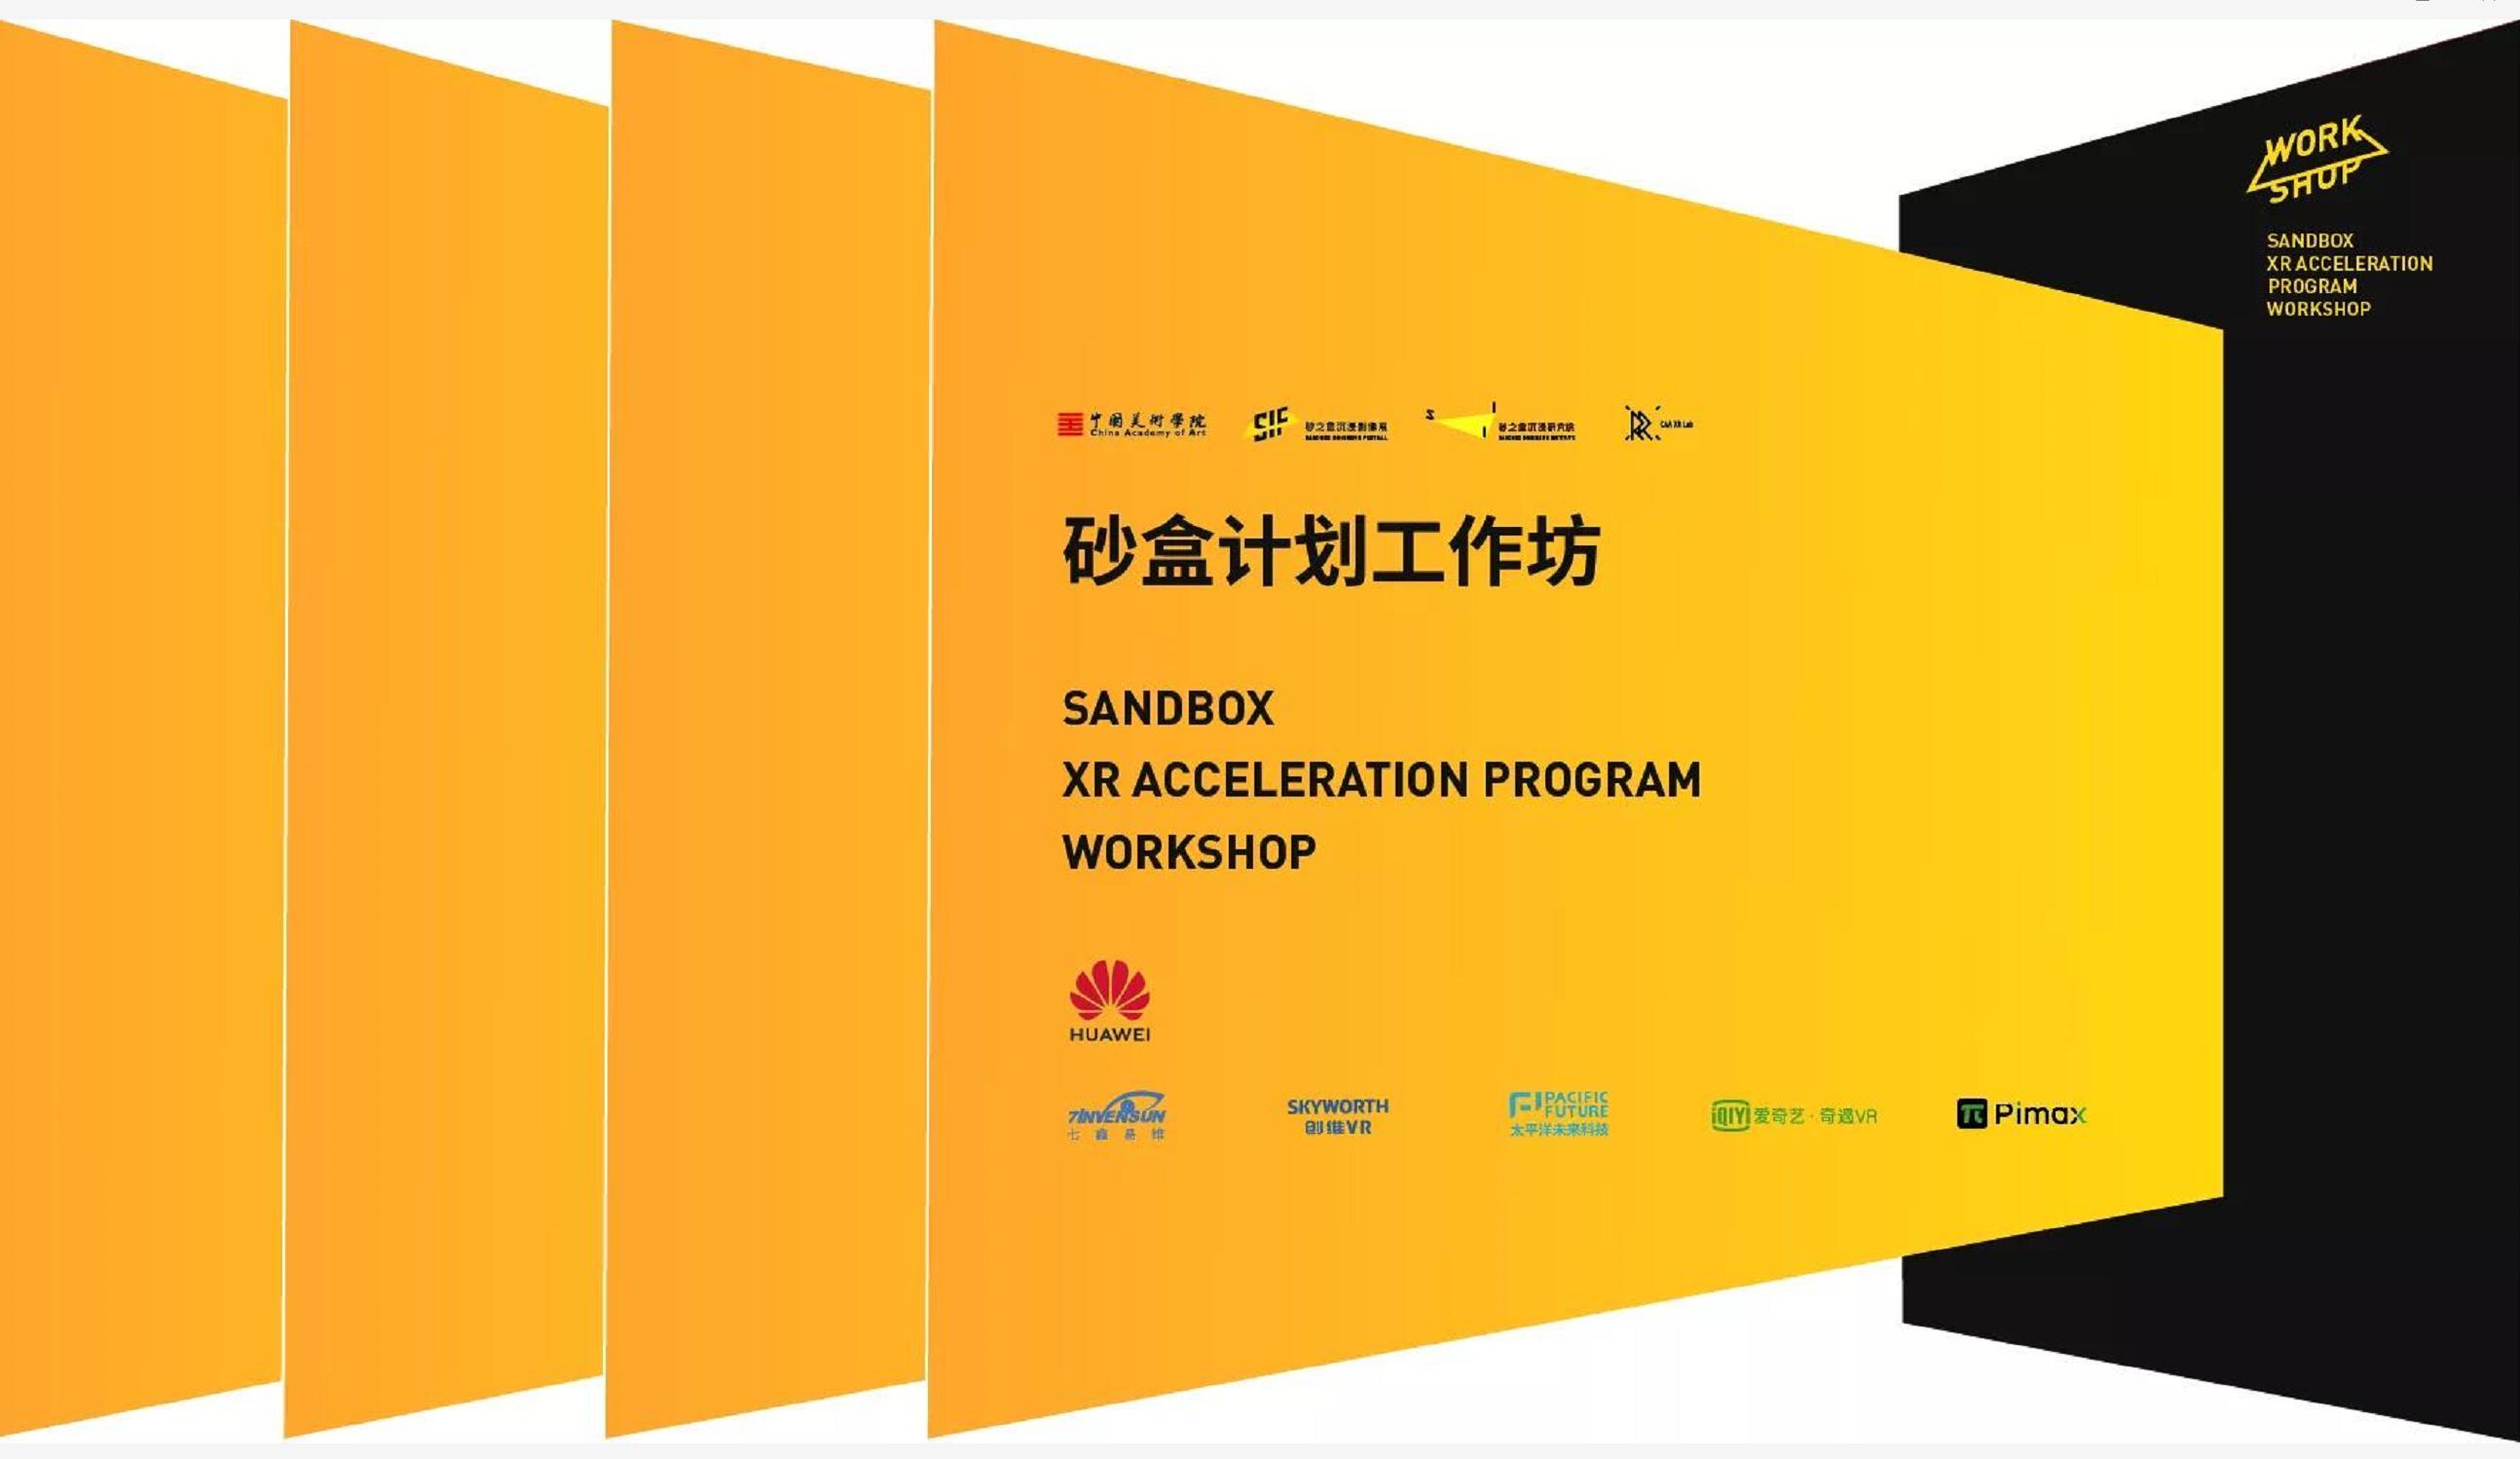 小派8KX助力砂盒计划,一起探索新媒介内容未来